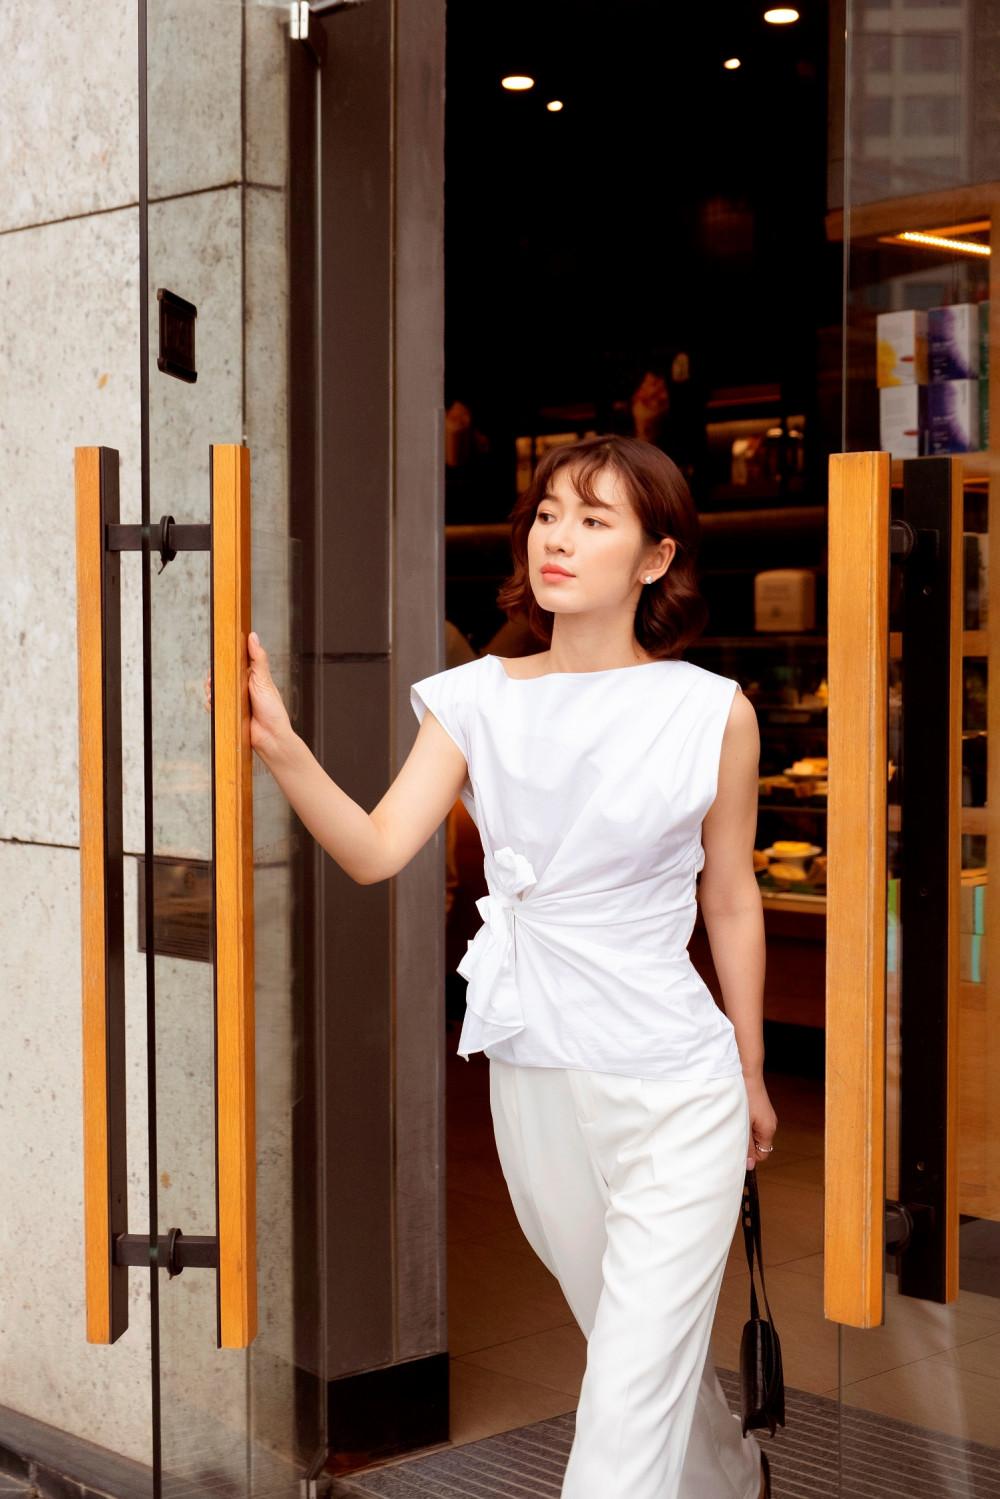 Vốn là người thích sự tối giản nên Oanh Kiều thường chỉ chọn những trang phục và phụ kiện đơn giản, nhẹ nhàng và thoải mái.